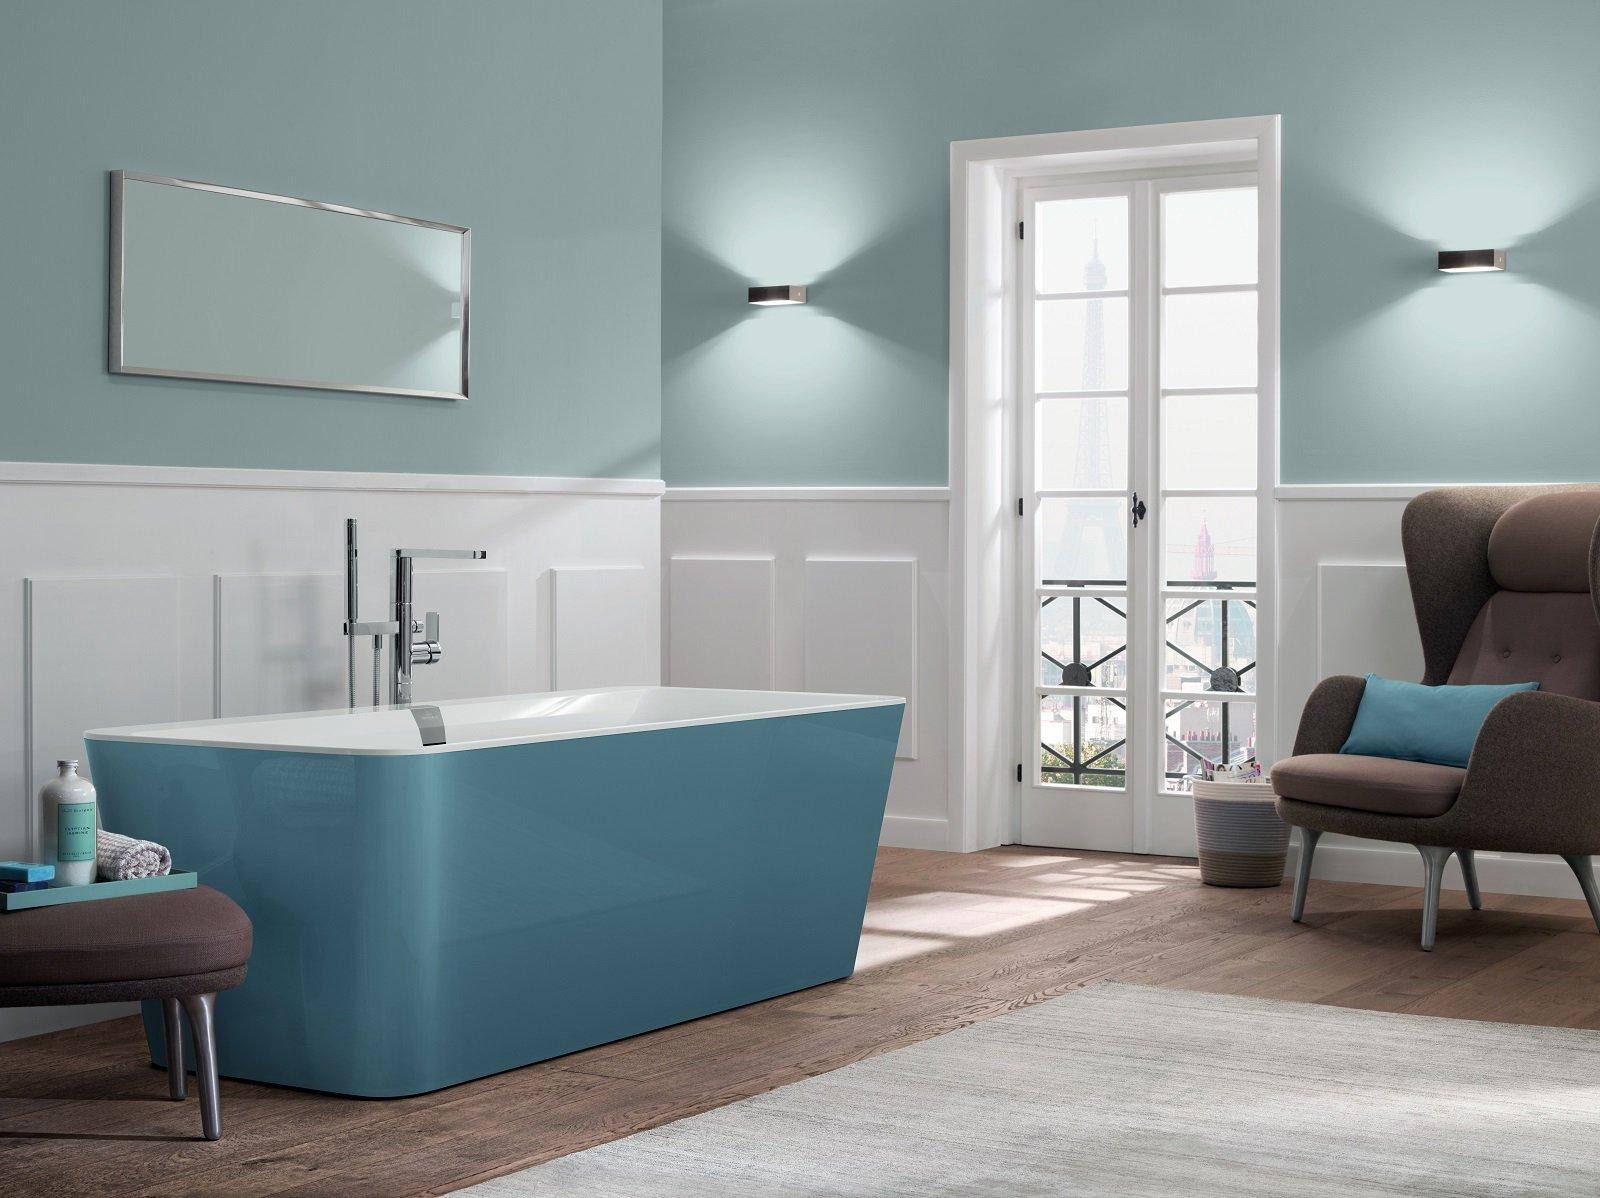 Vasca Da Bagno Villeroy Boch Prezzi : Molto scenografiche e dimpatto le vasche a libera installazione